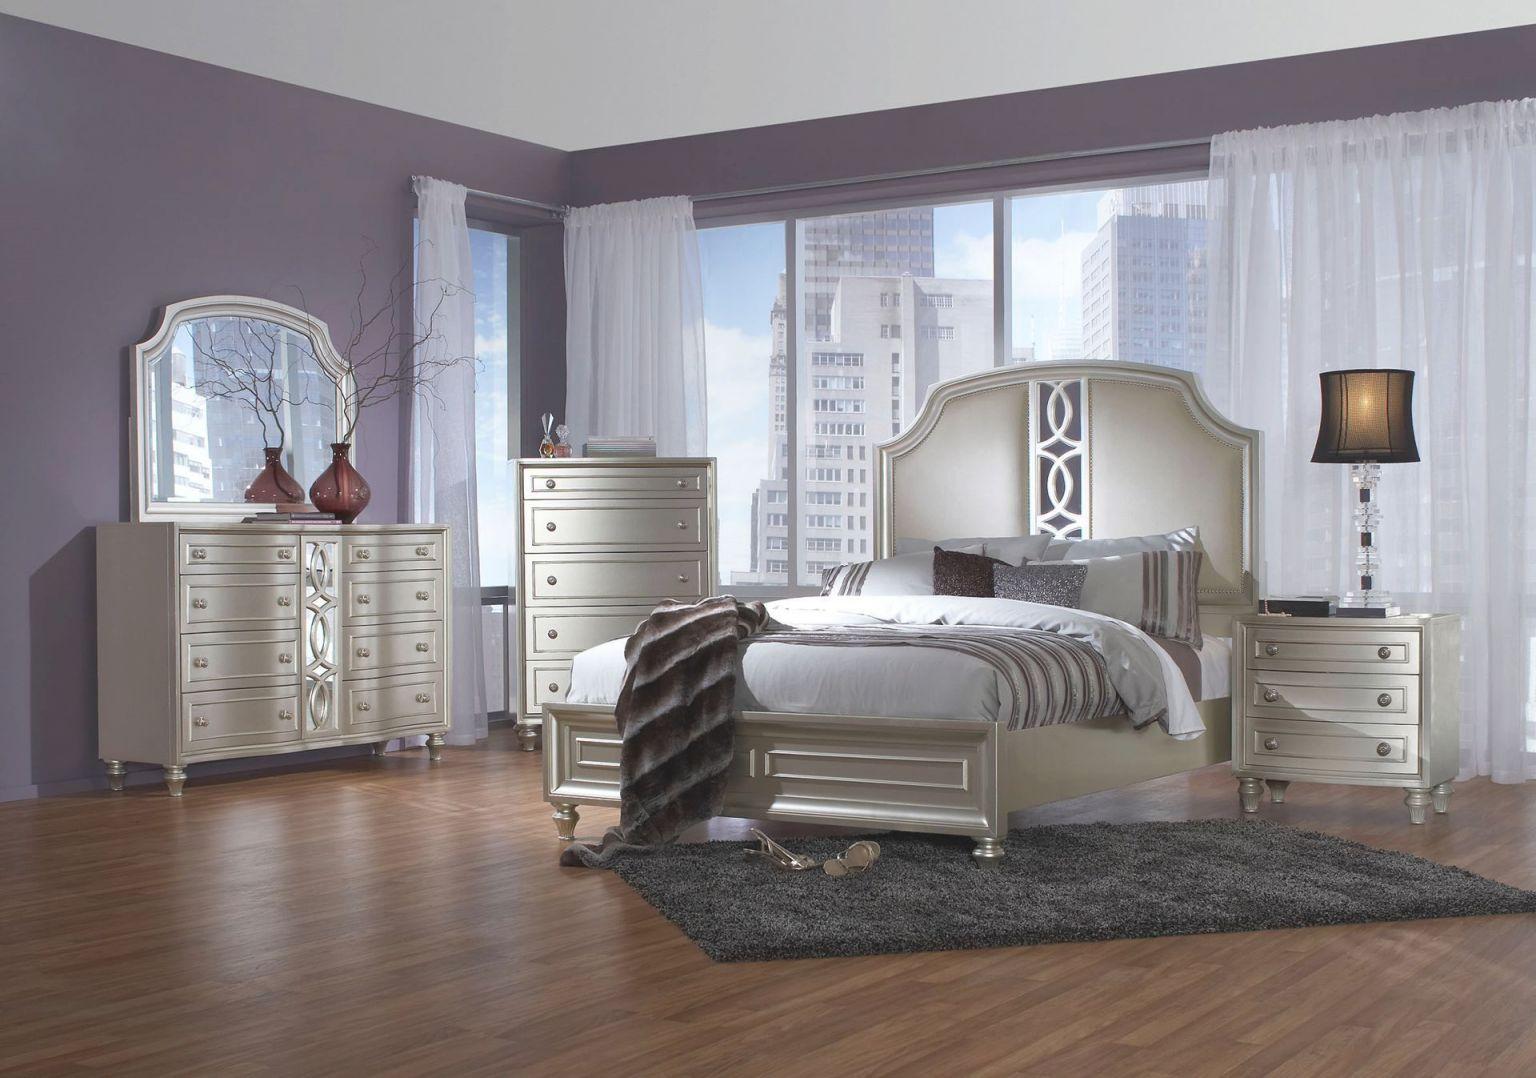 Christian Queen Bedroom Set intended for Bedroom Set Queen